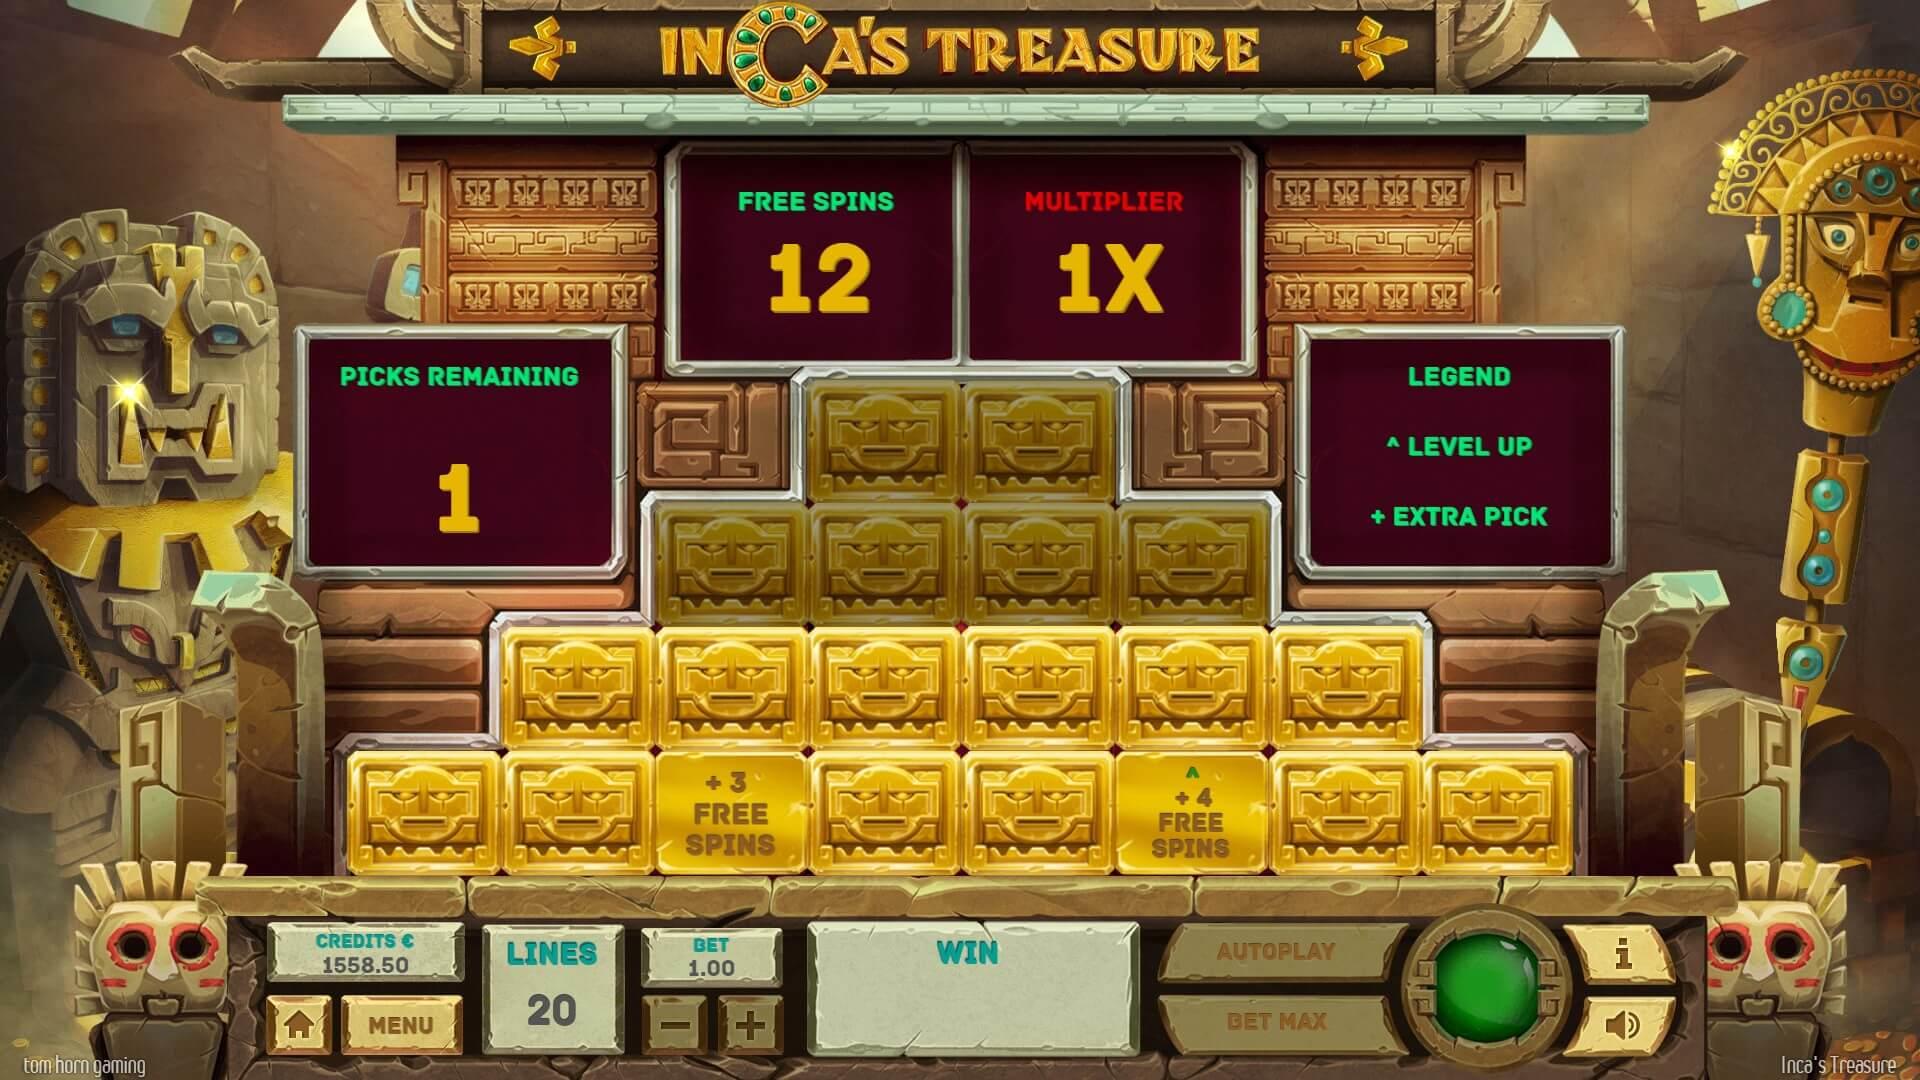 Inca's Treasure Slot Bonus